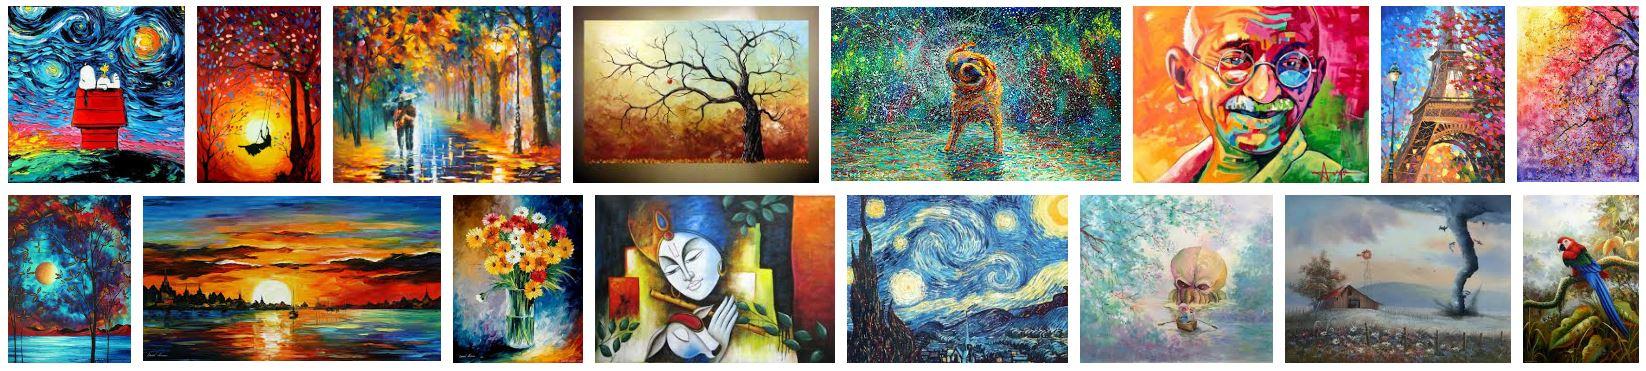 Kemarre Arts